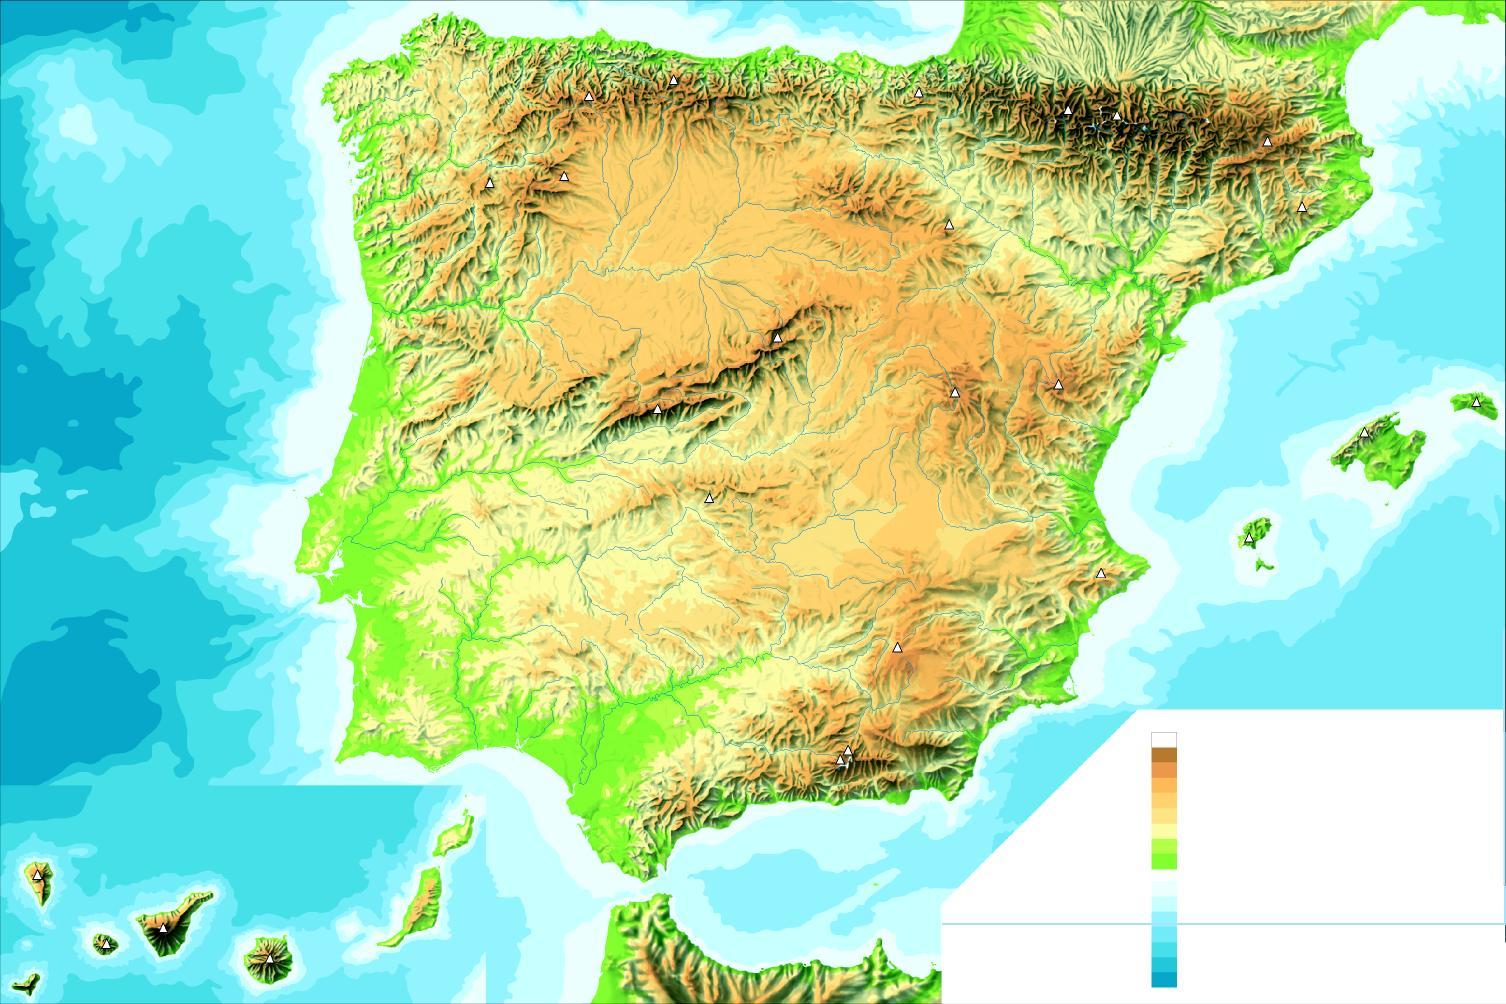 Mapa f sico de espa a mudo tama o completo - Globalcolor burgos ...